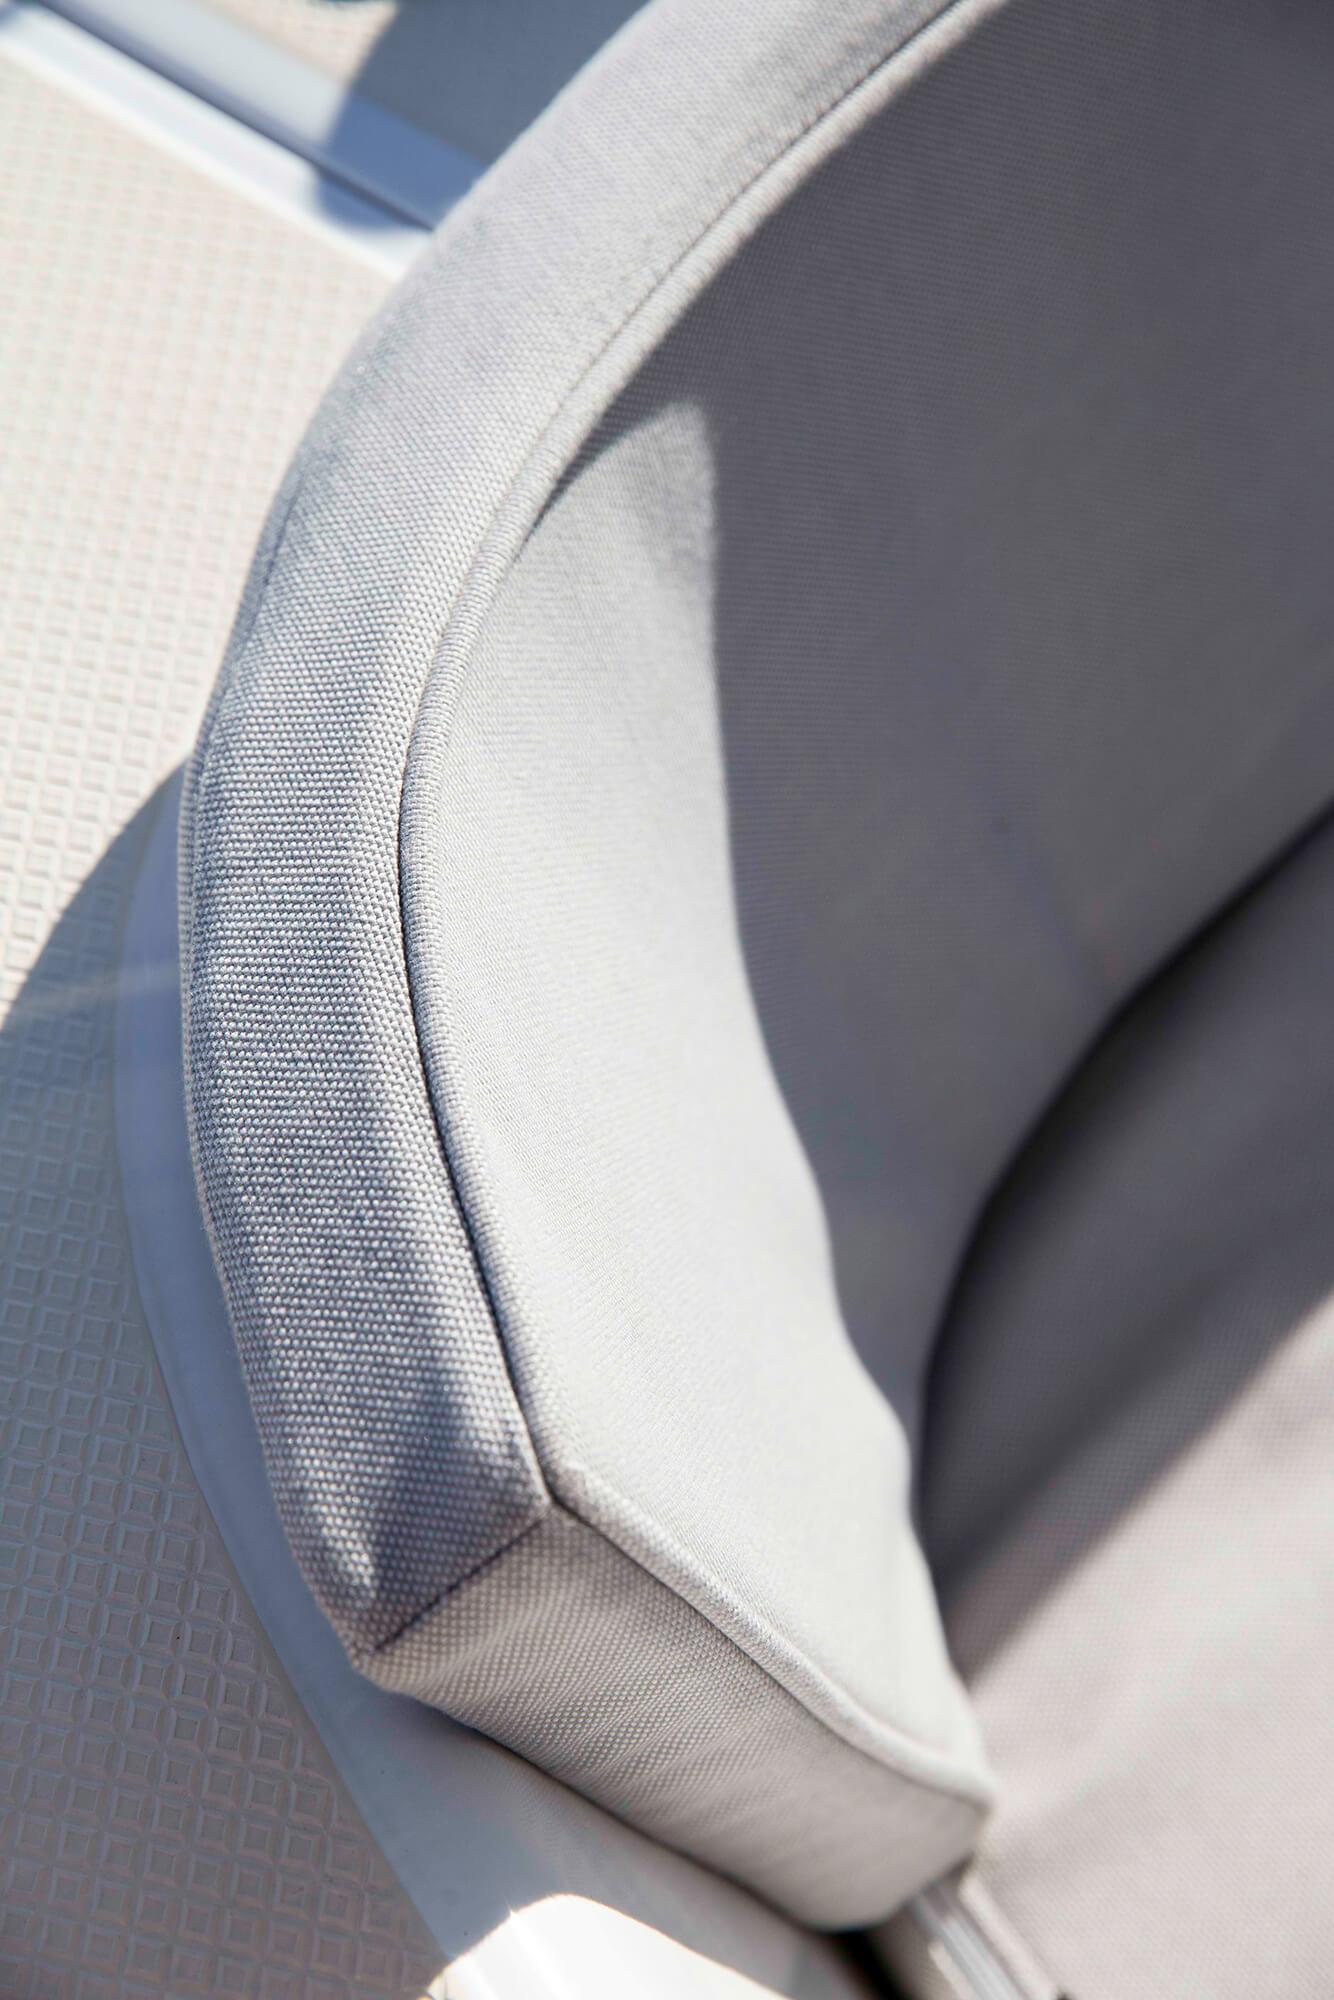 褐色 Sunbrella 家具装饰织物的船用坐垫与靠背细节